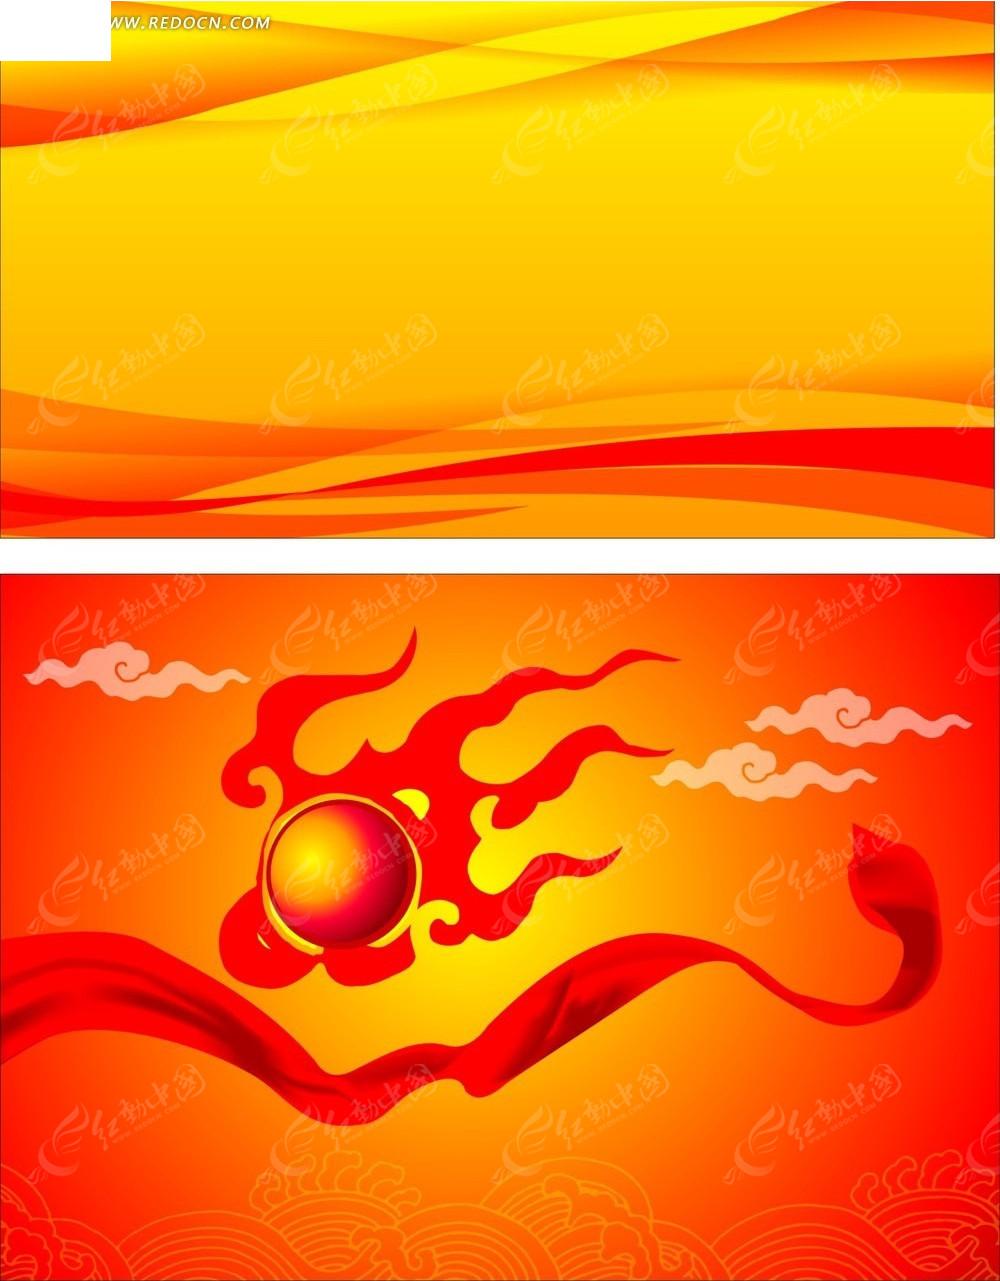 喜庆展板背景  中国风 展板 红绸 云纹  cdr矢量 展板素材  展板模板图片